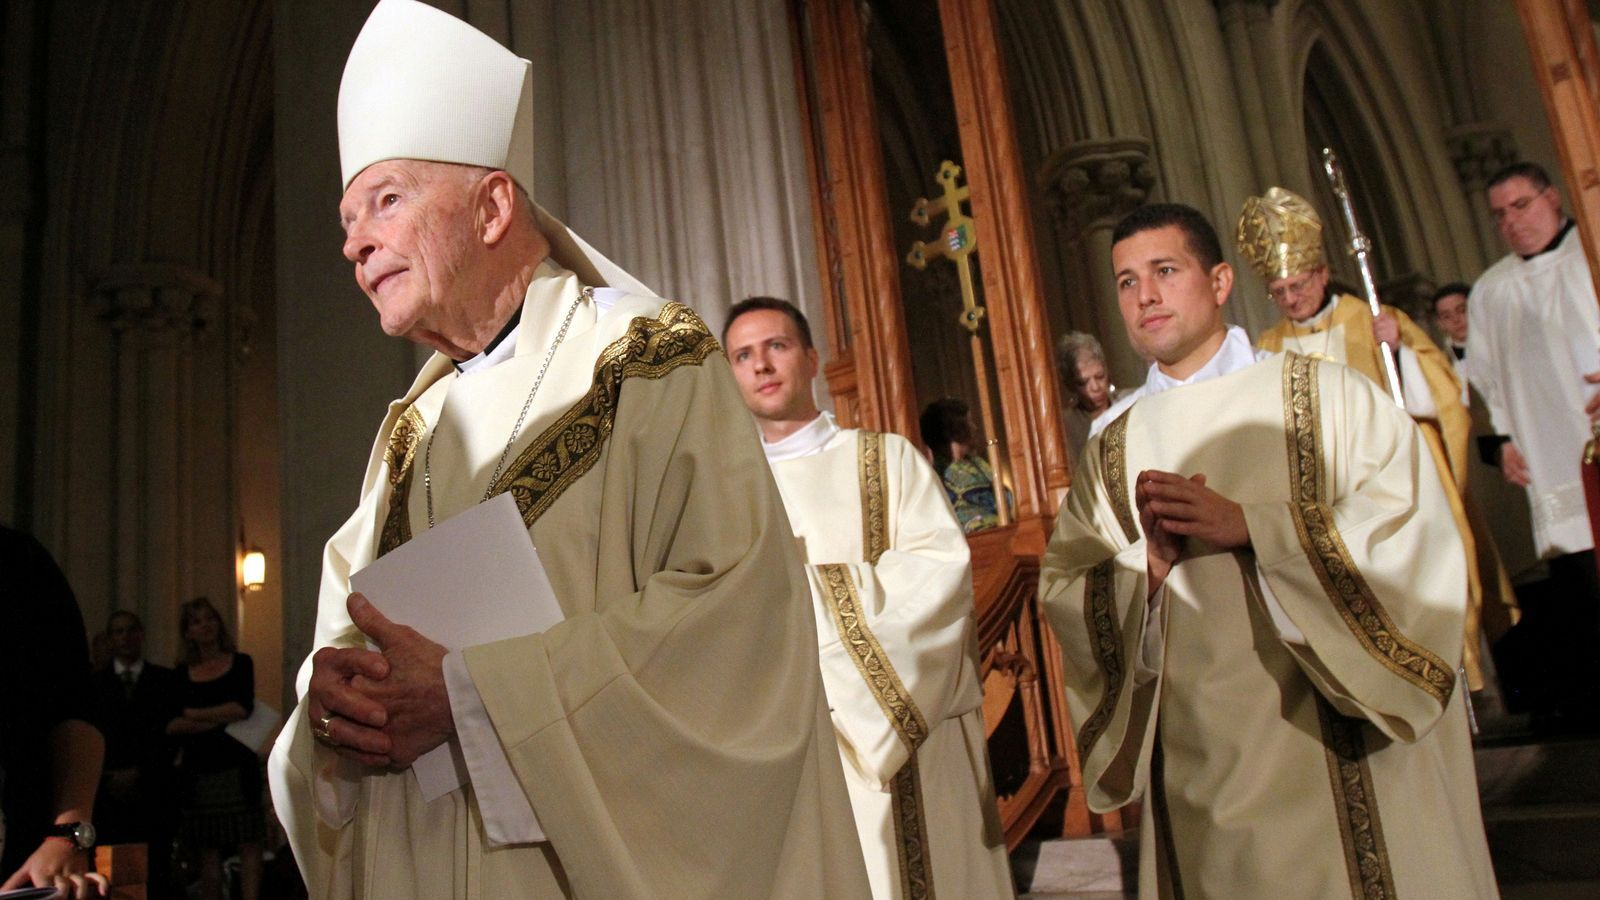 El Vaticà admet que els tres últims papes tenien informació sobre els abusos sexuals de l'exarquebisbe de Washington